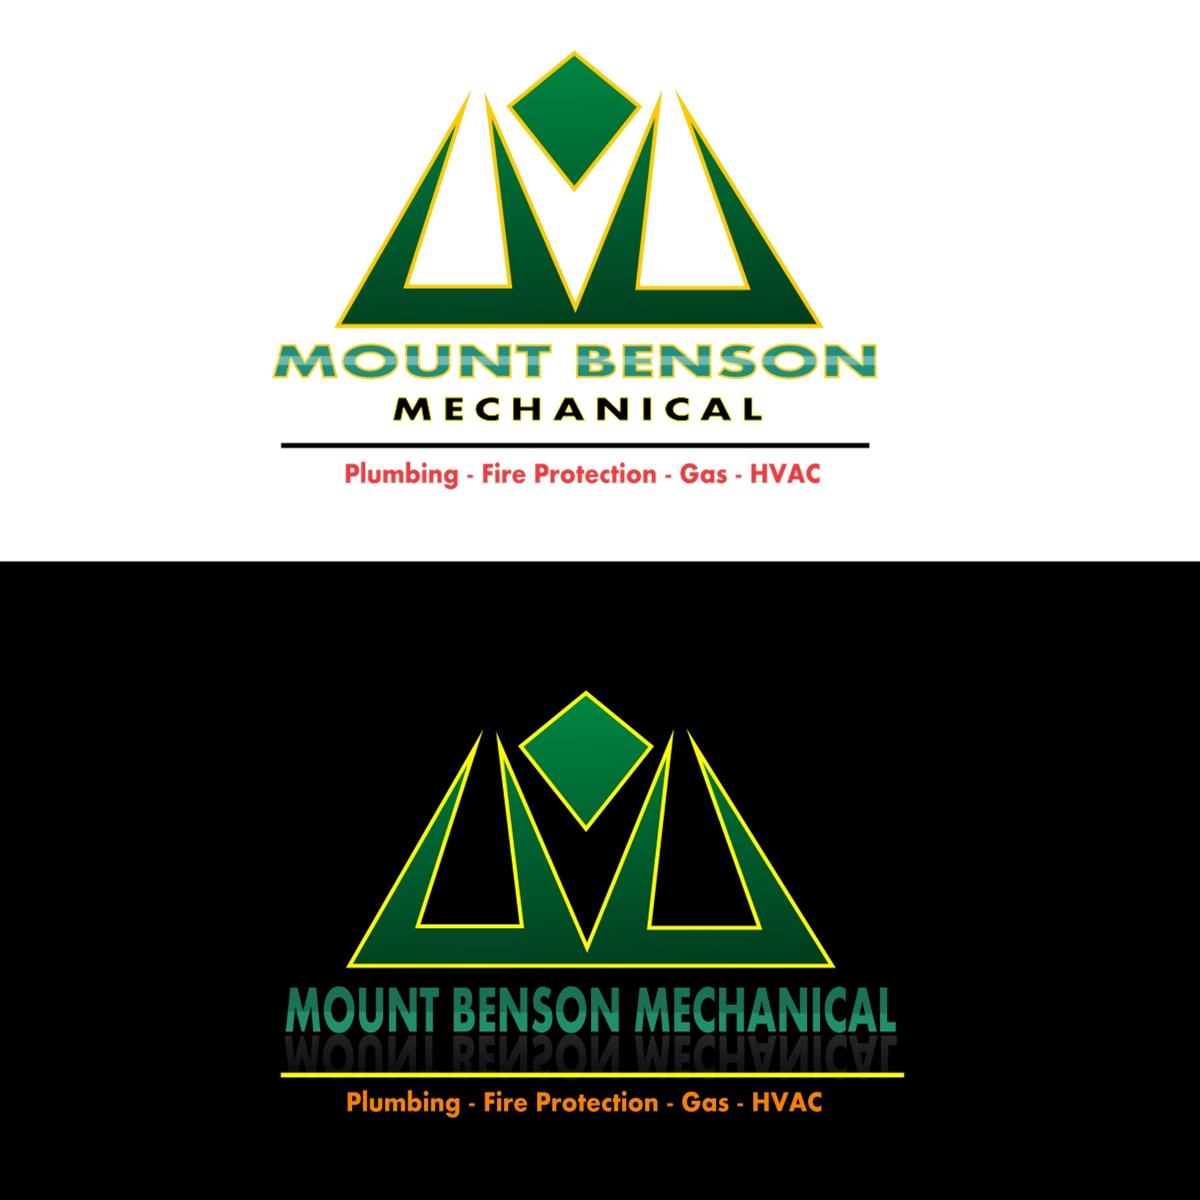 Logo Design by Joseph calunsag Cagaanan - Entry No. 66 in the Logo Design Contest Mount Benson Mechanical.